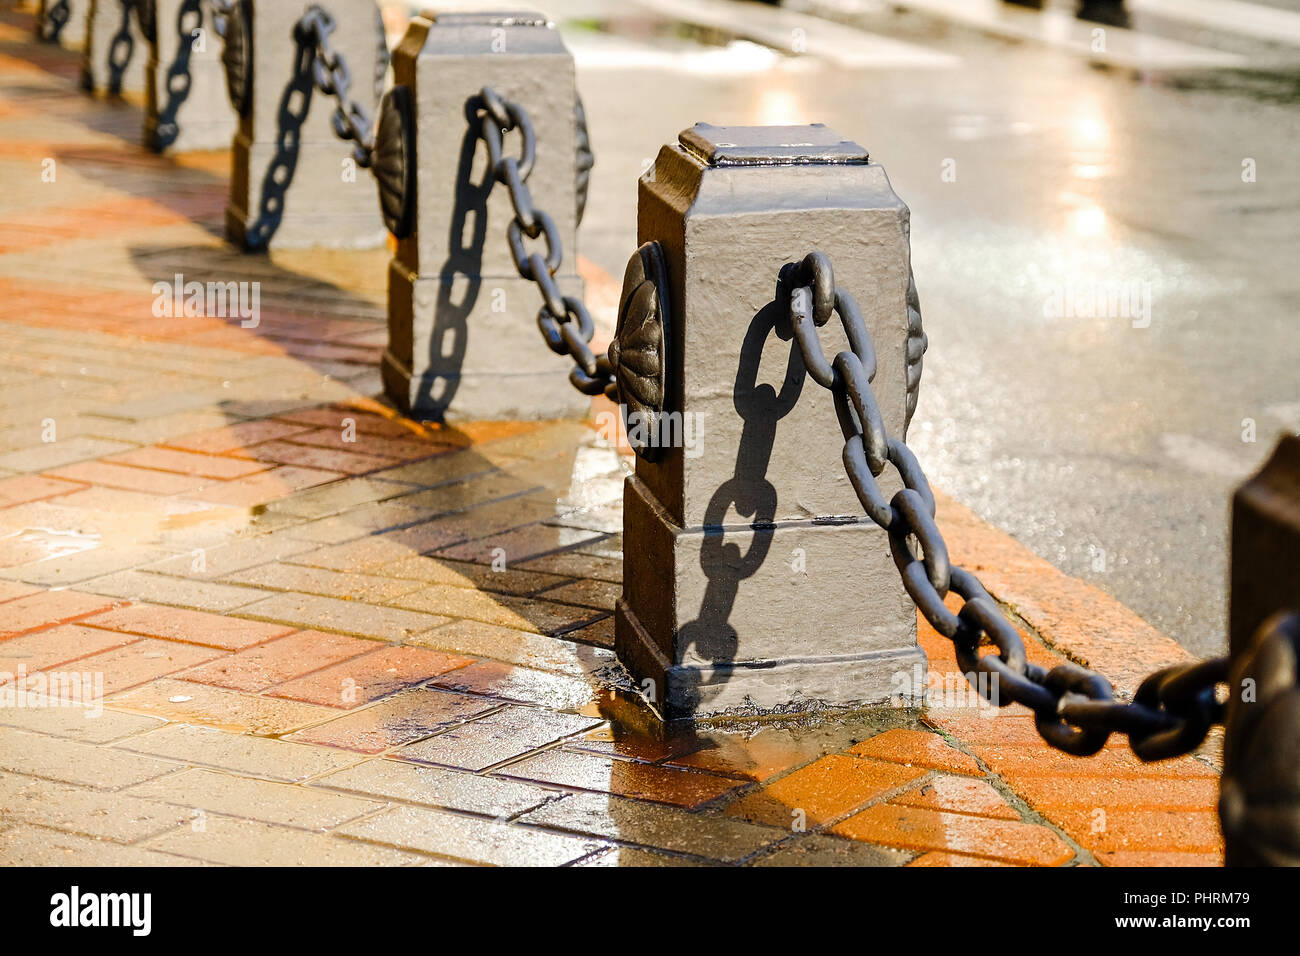 Zaun mit Ketten. Kette Zaun im Hintergrund der Straße ...